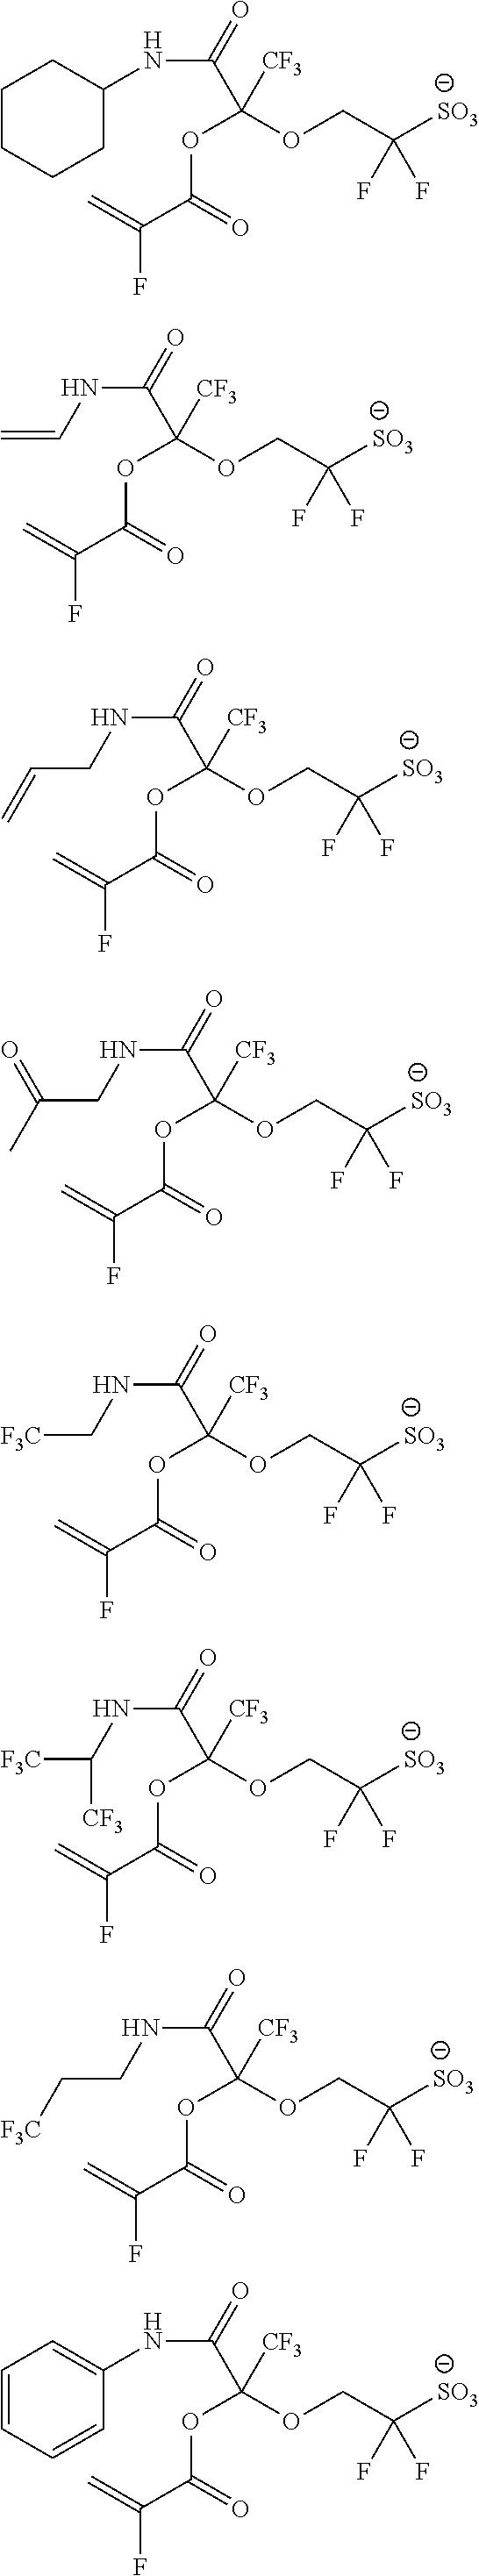 Figure US09182664-20151110-C00045